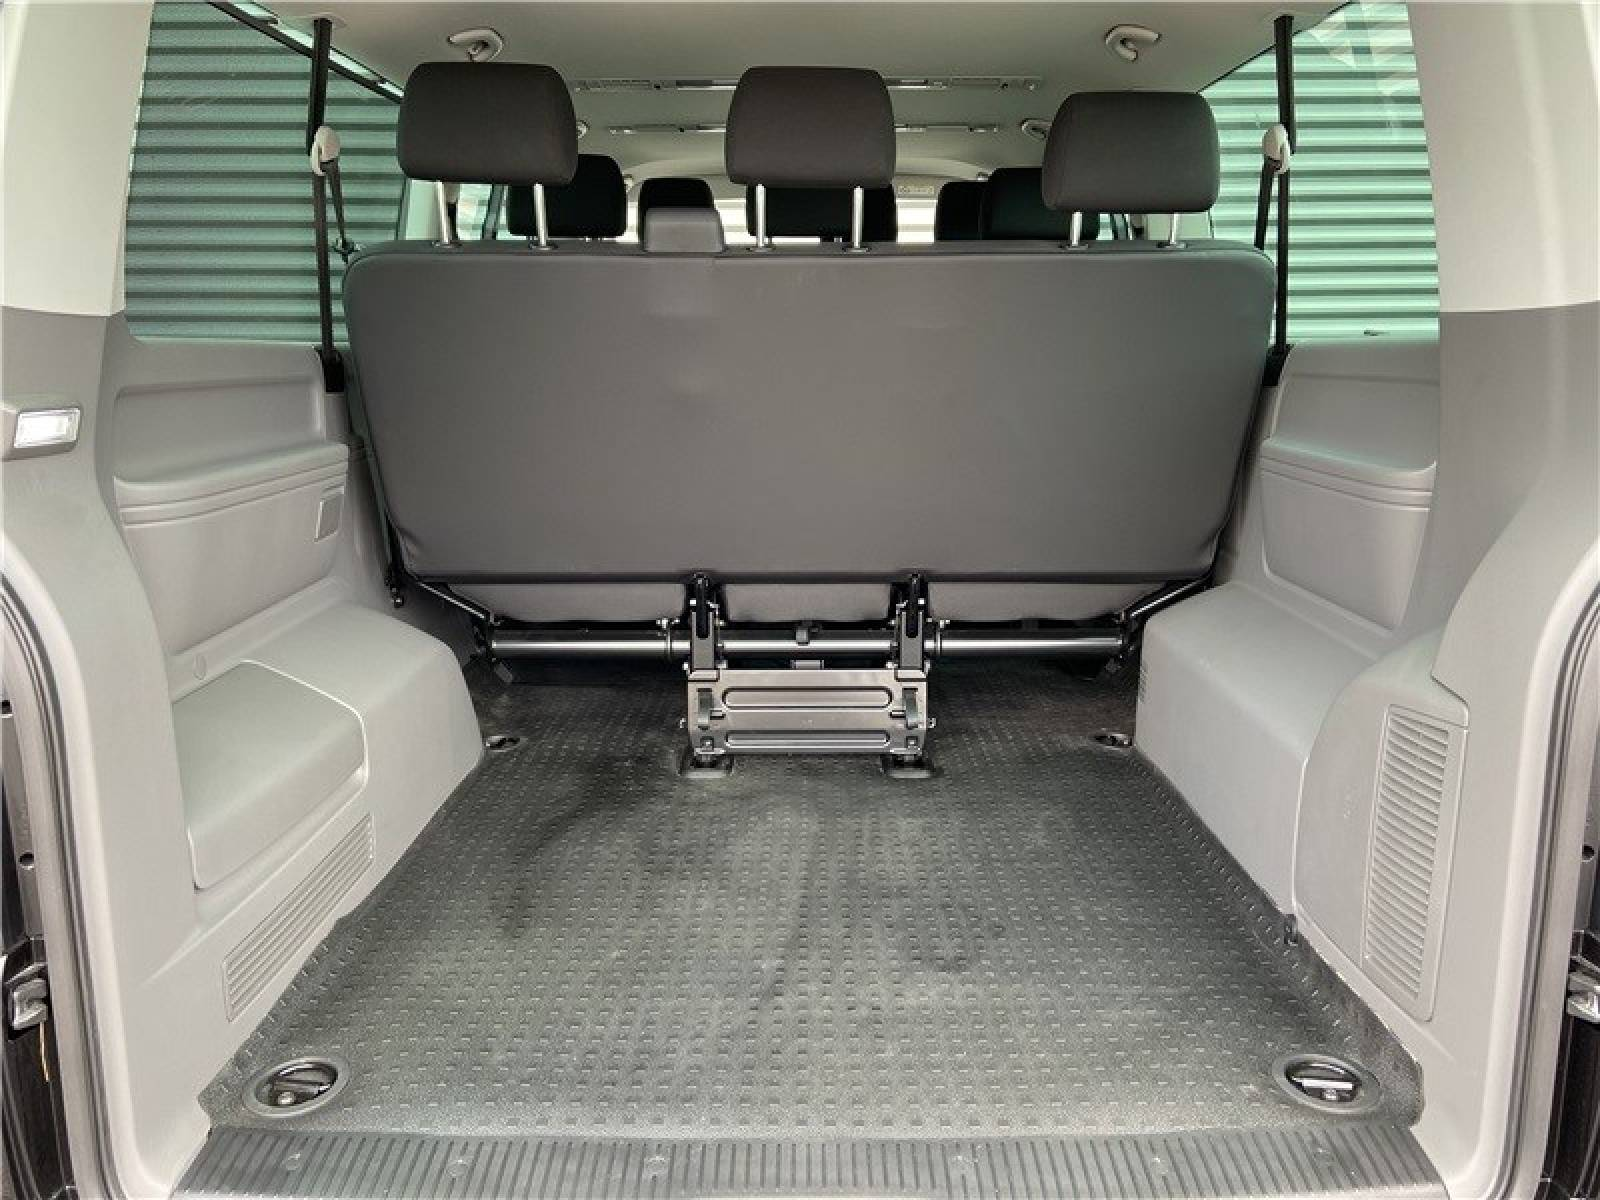 VOLKSWAGEN UTILITAIRES Caravelle 6.1 2.0 TDI 150 BMT Longue DSG7 - véhicule d'occasion - LEMAUVIEL AUTOMOBILES - Présentation site web V2 - Lemauviel Automobiles - VIRE - 14500 - VIRE - 11